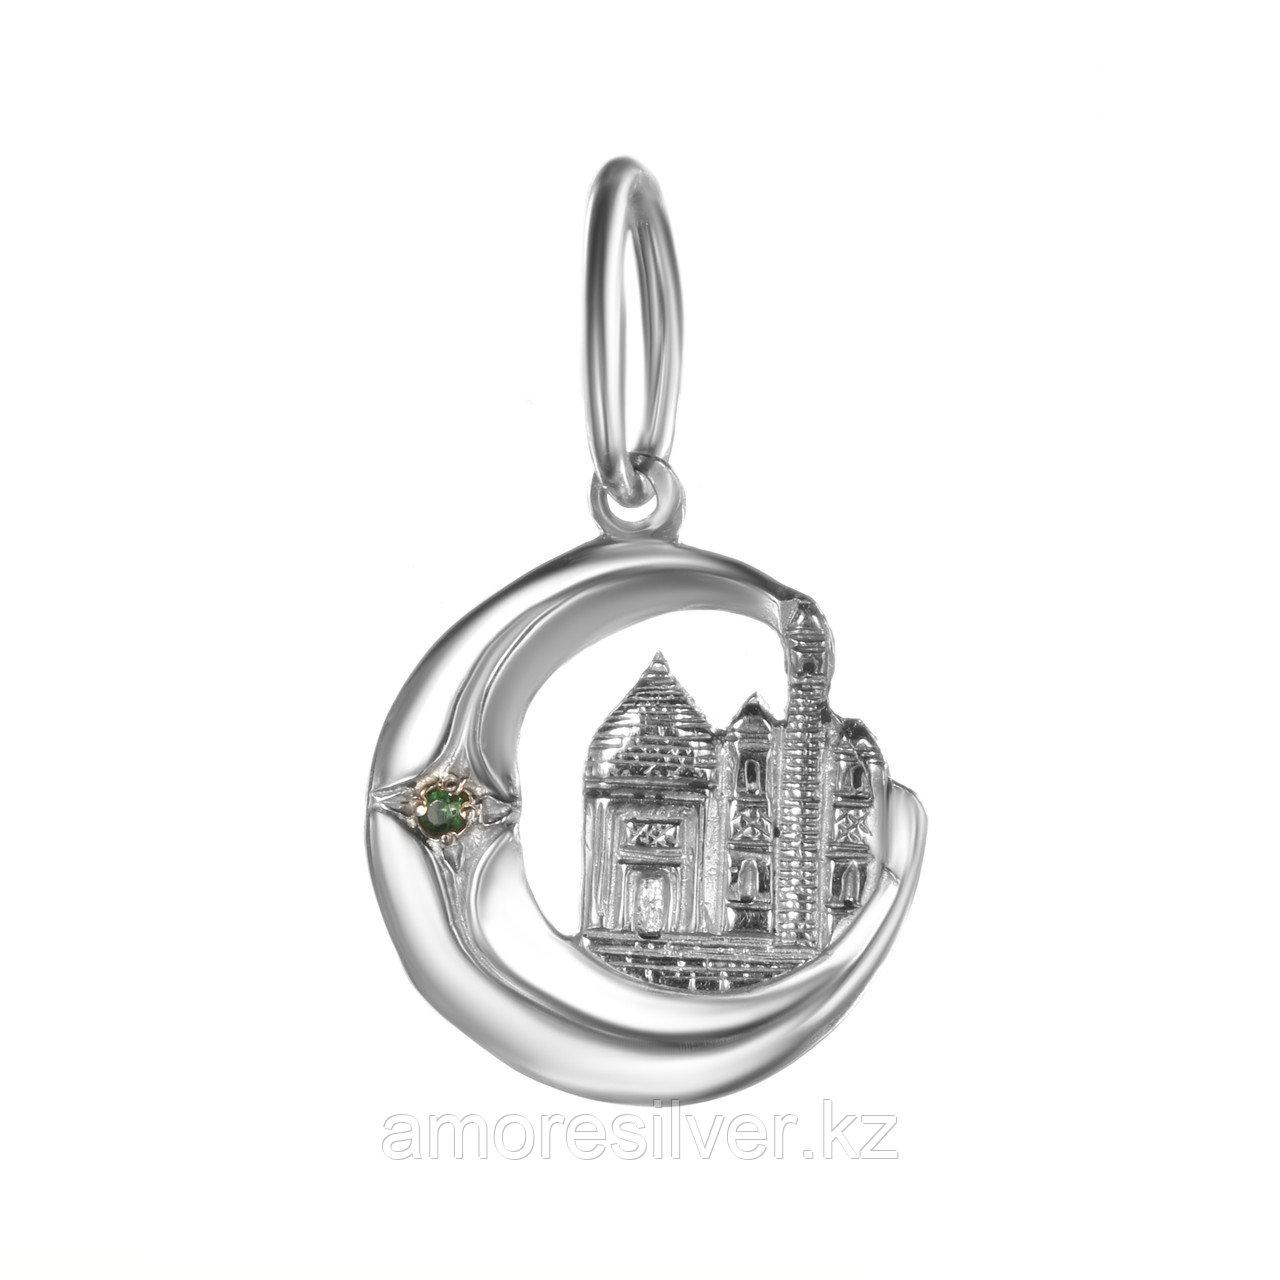 Браслет SOKOLOV серебро с родием, фианит юи 114900р